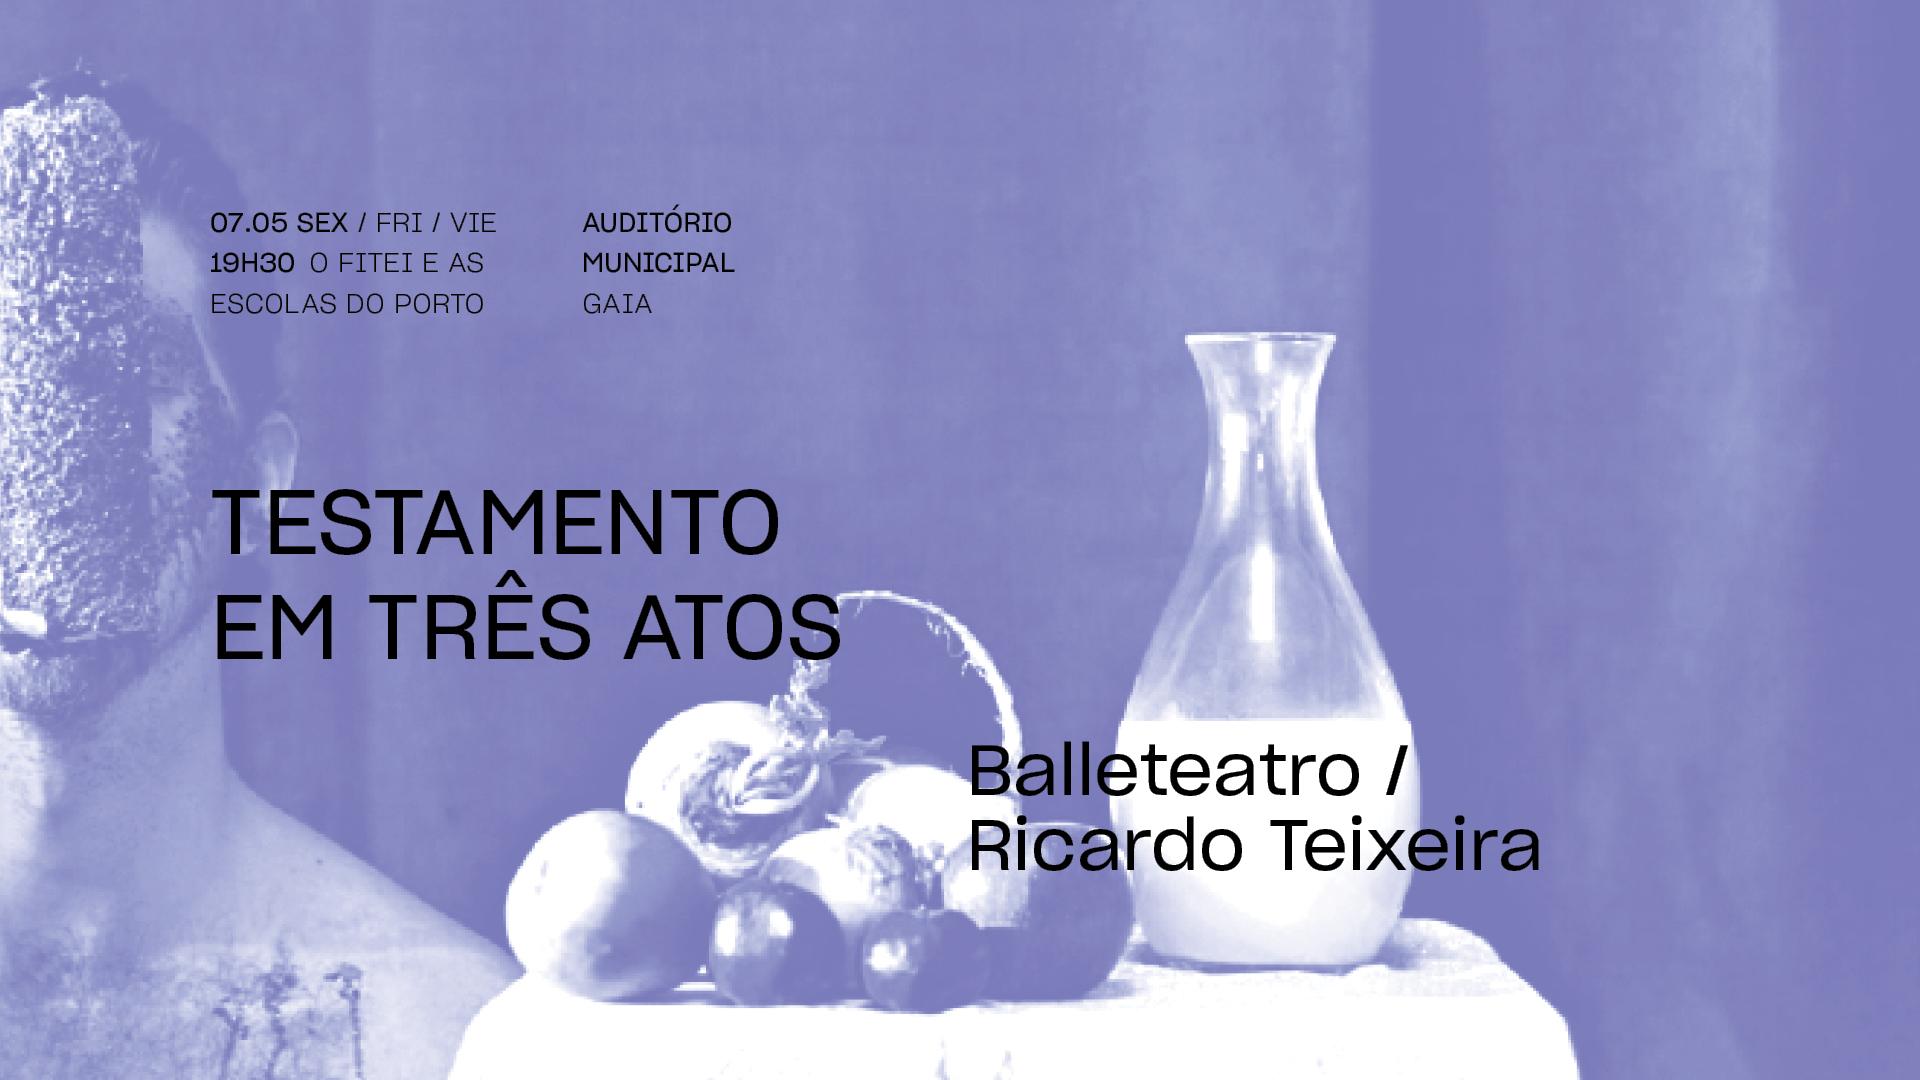 Testamento em Três Atos • BALLETEATRO / RICARDO TEIXEIRA | FITEI 2021